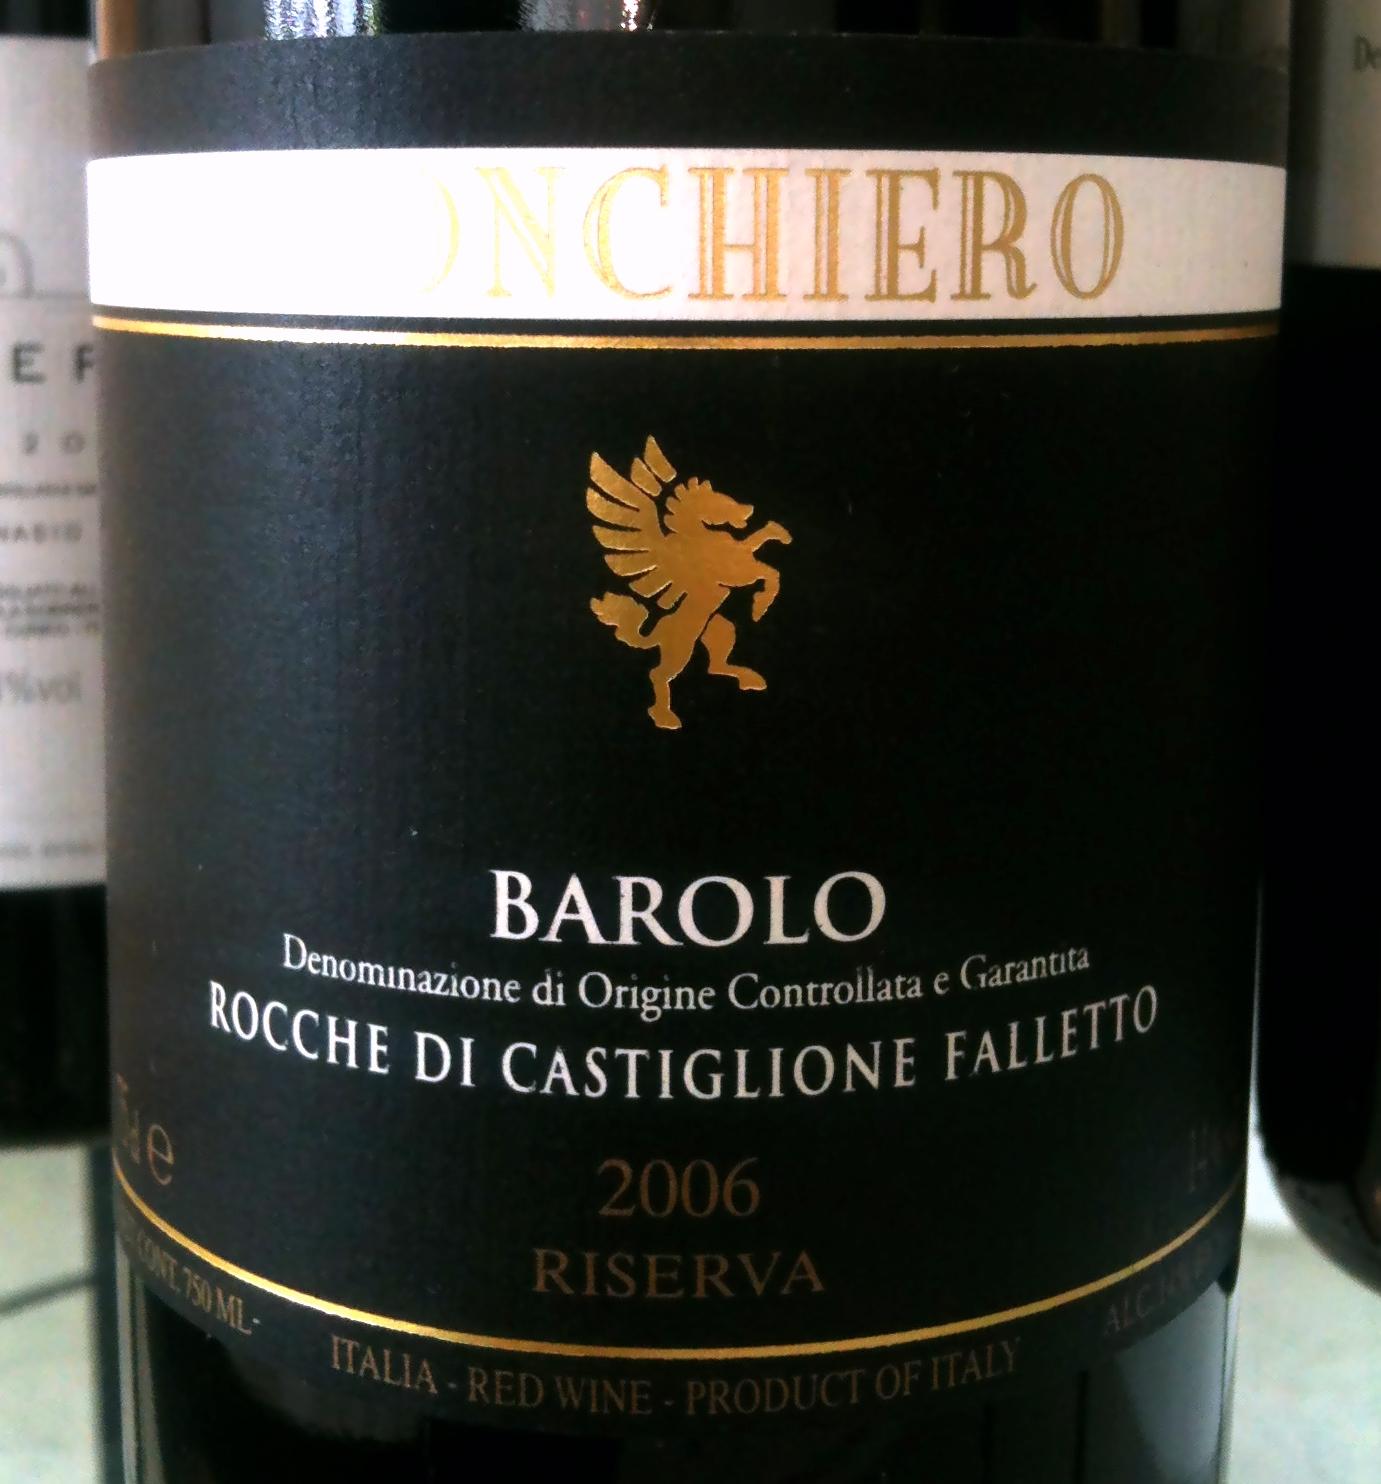 Monchiero Barolo Riserva Rocche di Castiglione Falletto 2006